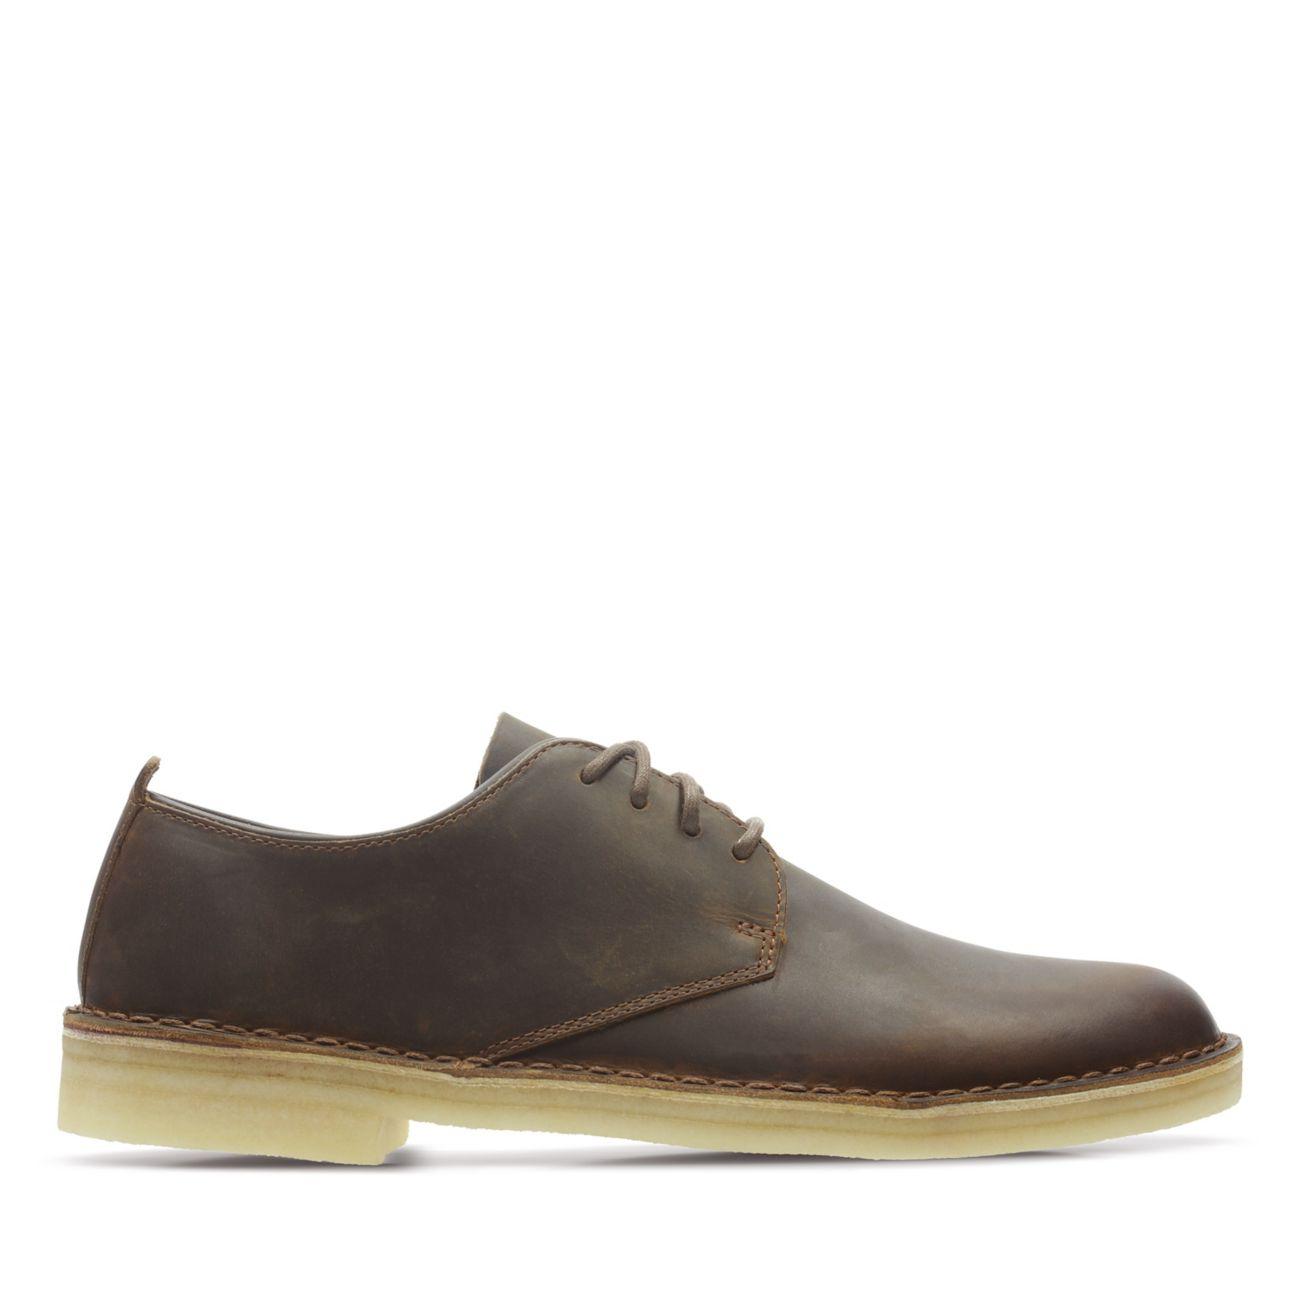 Clarks Men's Originals Clarks® Shoes Official Site